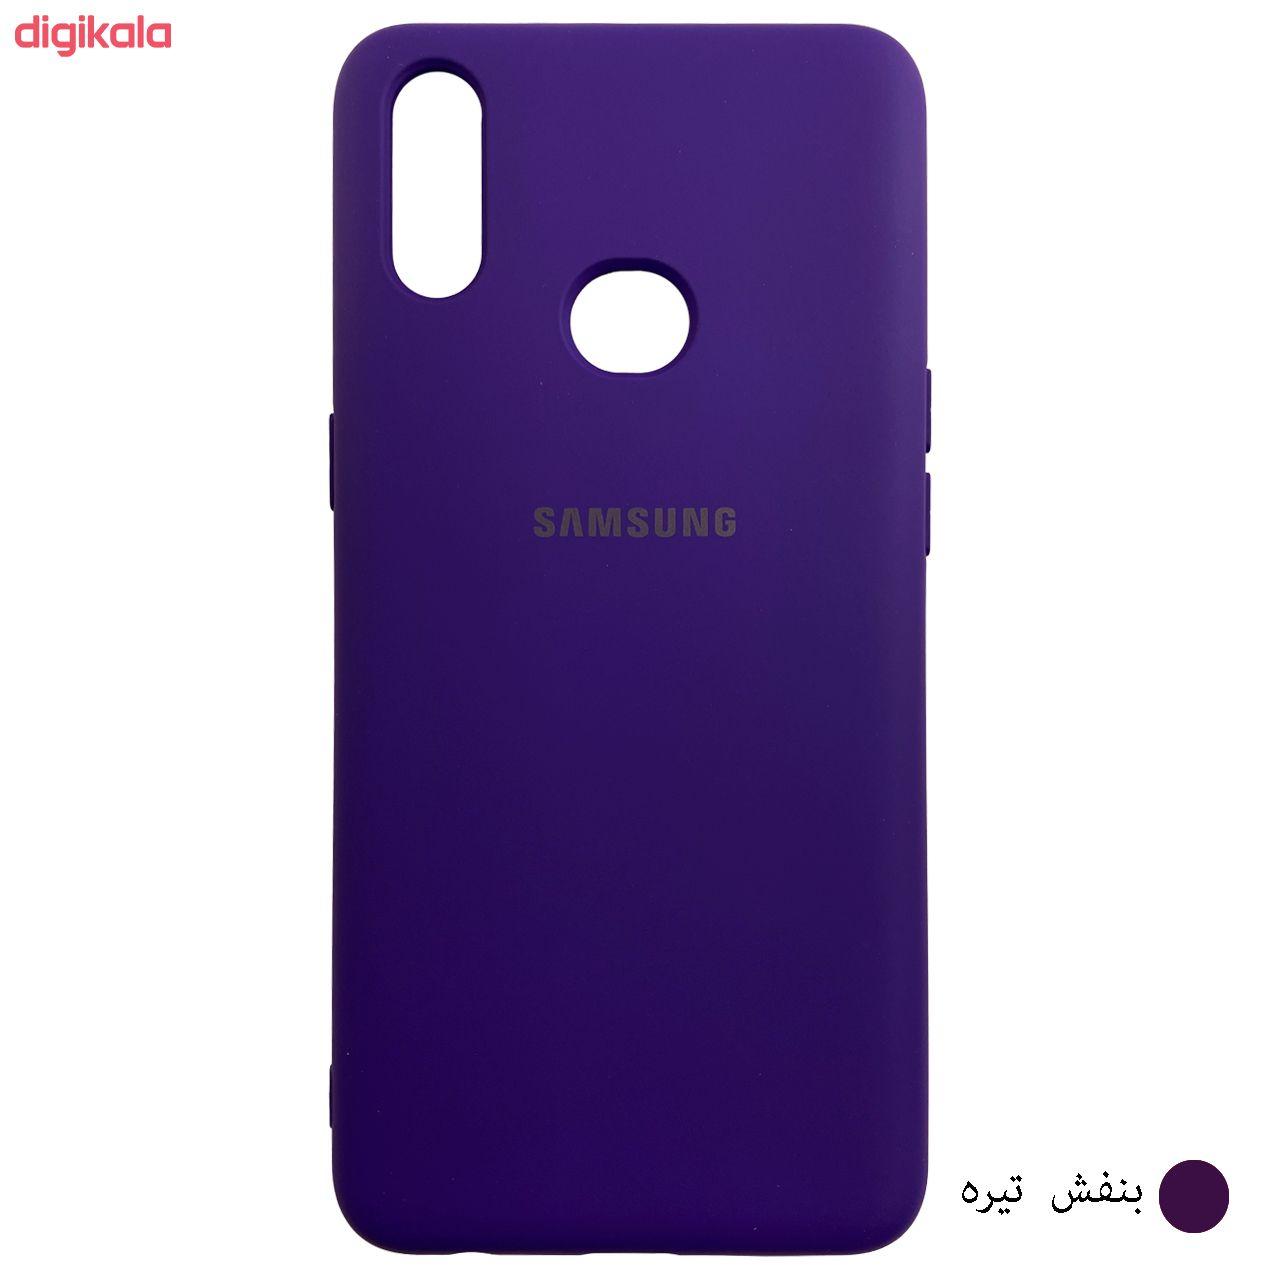 کاور مدل SCN مناسب برای گوشی موبایل سامسونگ Galaxy A10s main 1 5